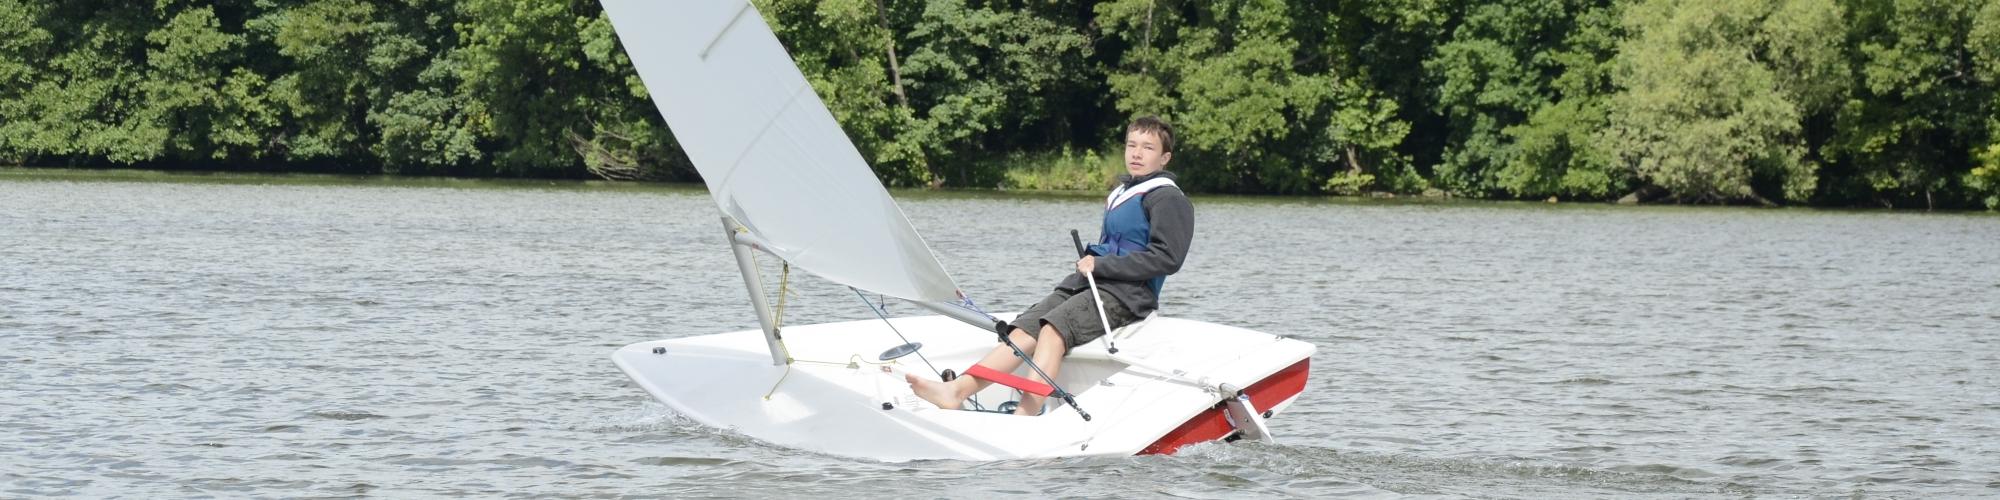 Segelkind Paul beim Training im Laser